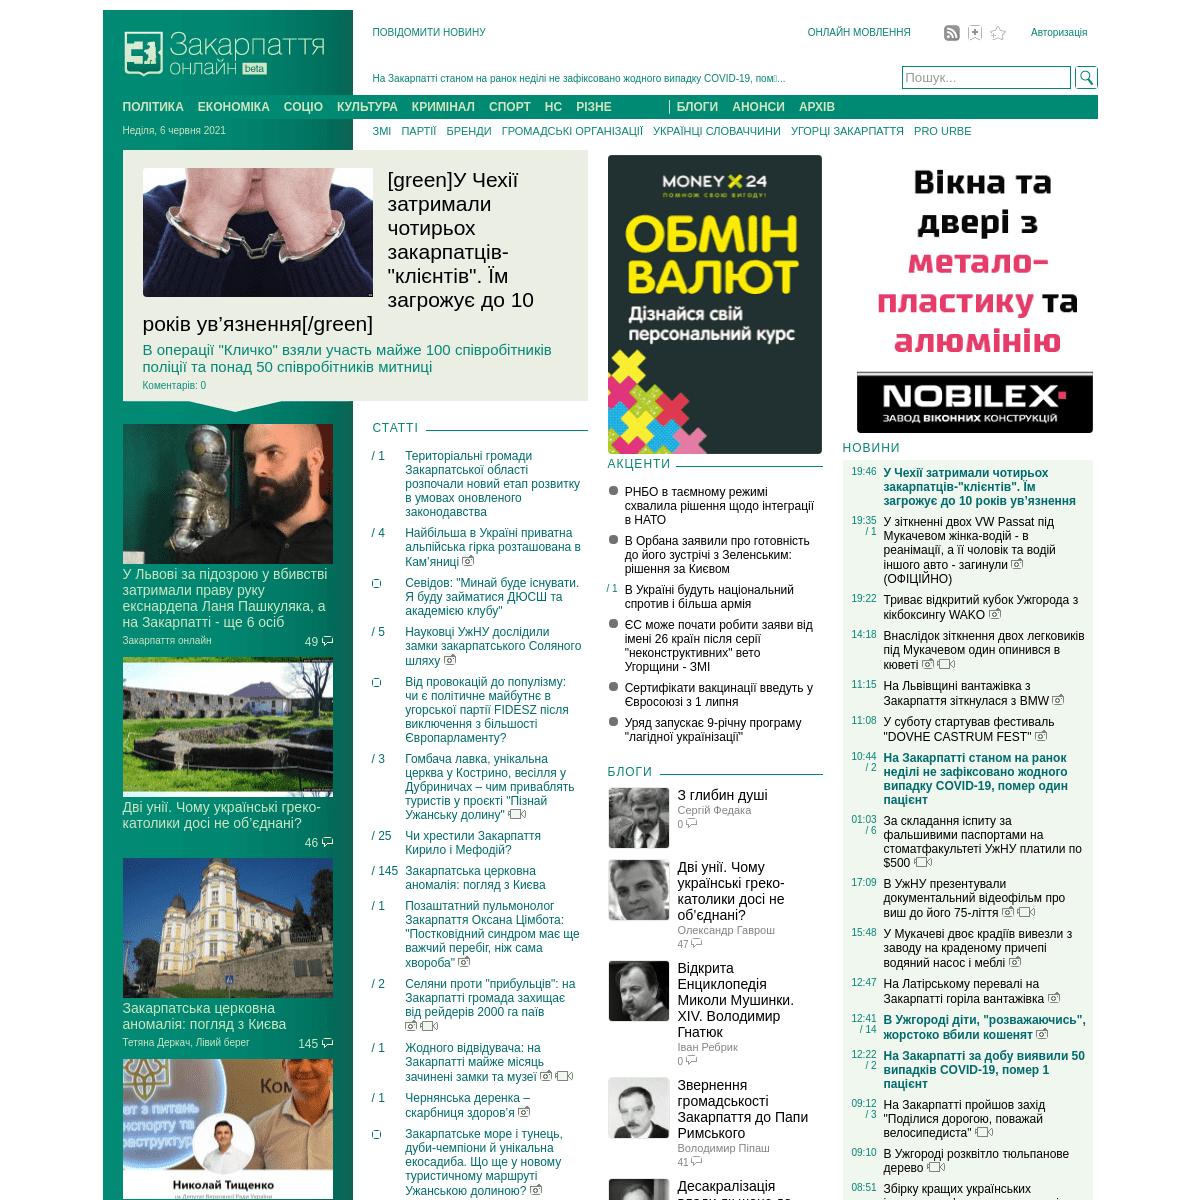 Новини Закарпаття онлайн, новини Ужгорода, новости Закарпатья онлайн